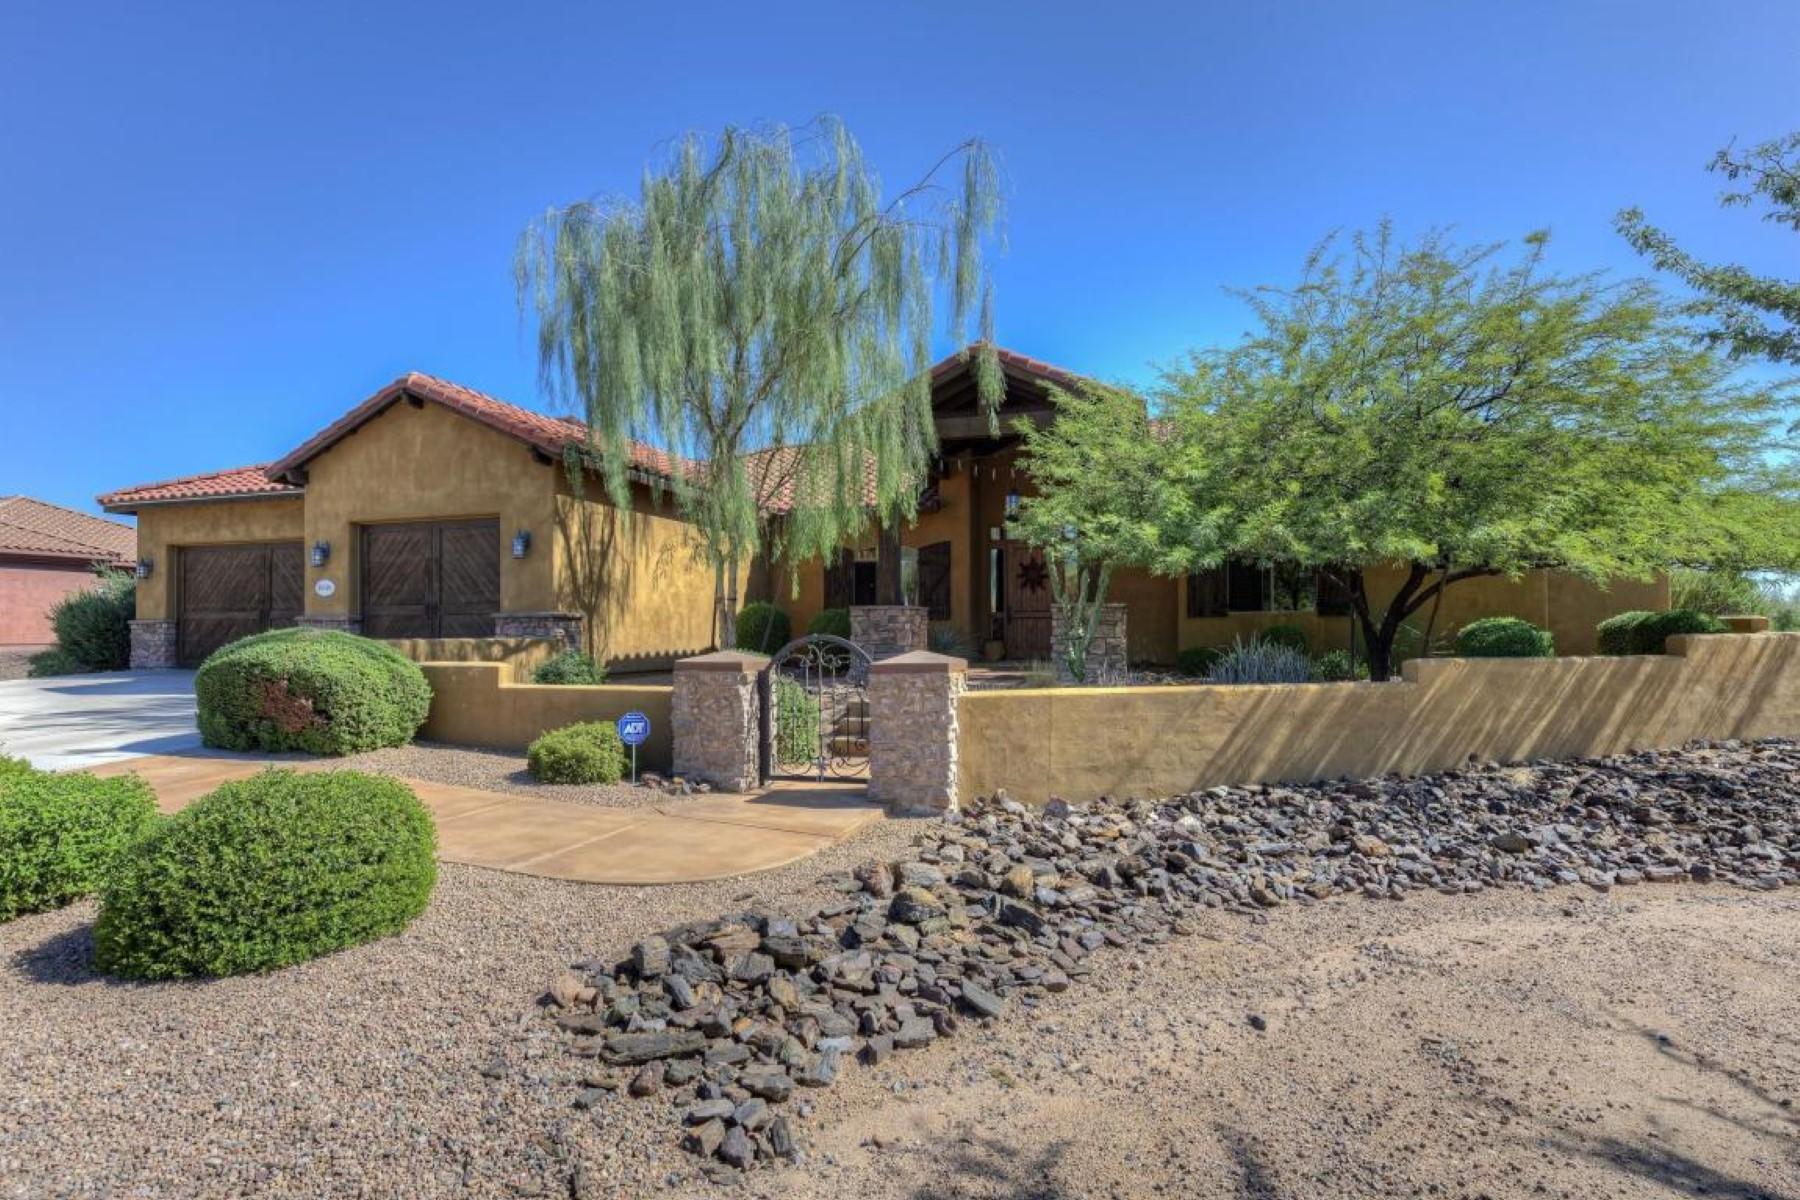 Casa para uma família para Venda às Exquisite custom home situated on a 1.15 acre cul de sac lot 28507 N 154th Place Scottsdale, Arizona 85262 Estados Unidos